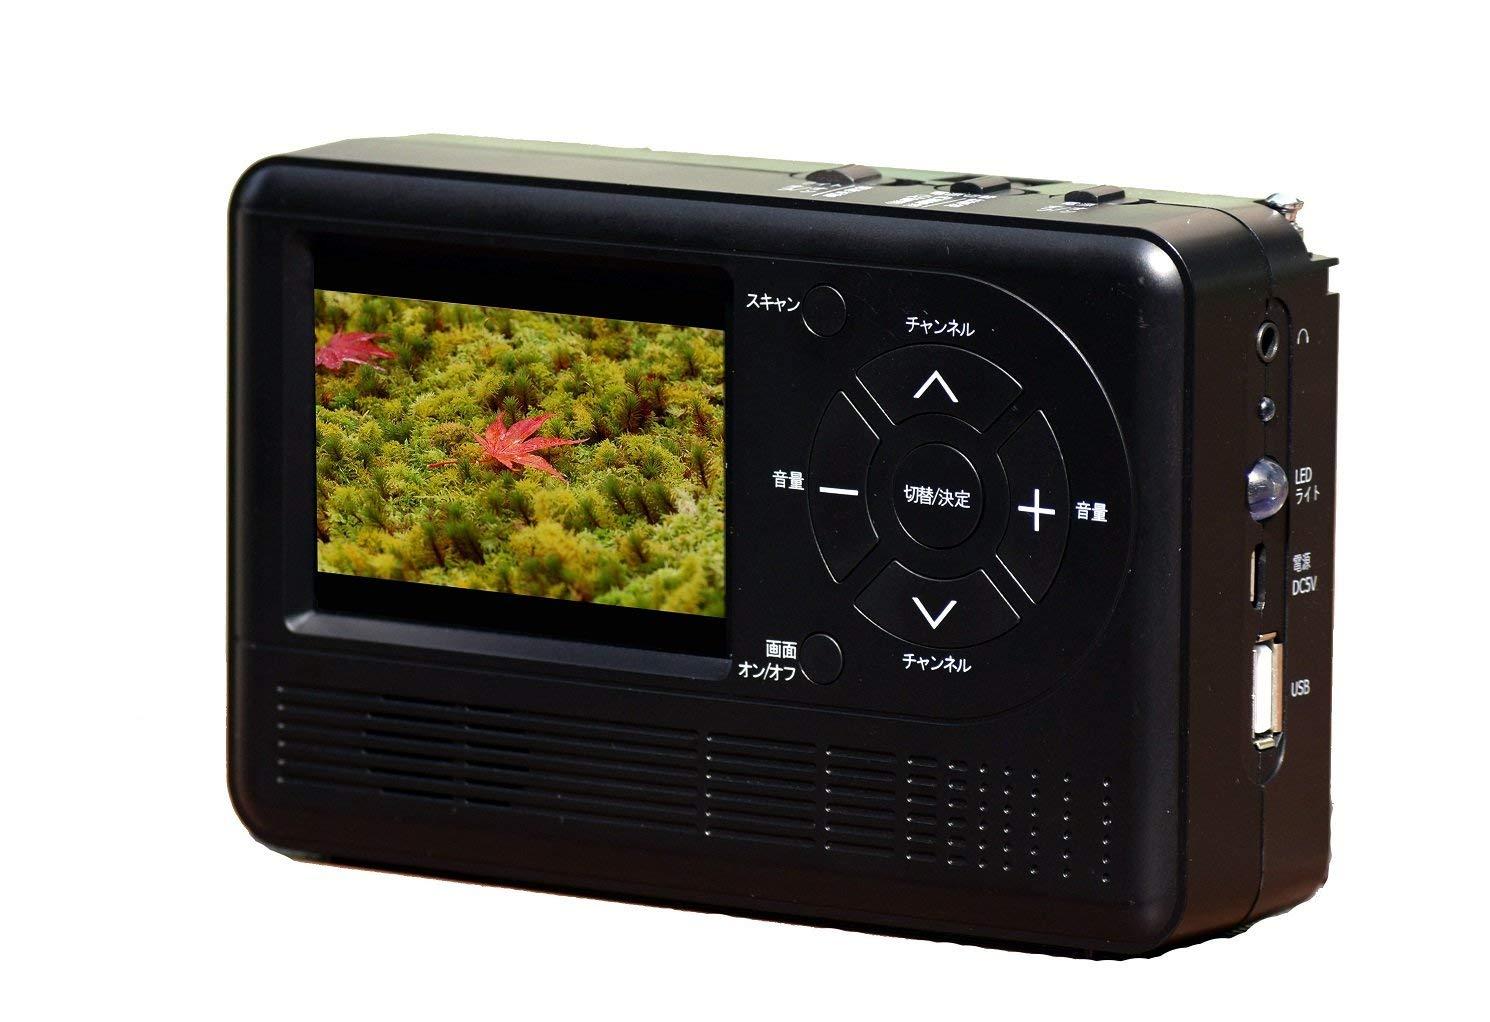 【新品/在庫あり】AID エコラジTV RAD-1SFAM/B ブラック(携帯電話充電 手回し充電 乾電池 防災グッズ テレビ ラジオ LEDライト搭載)